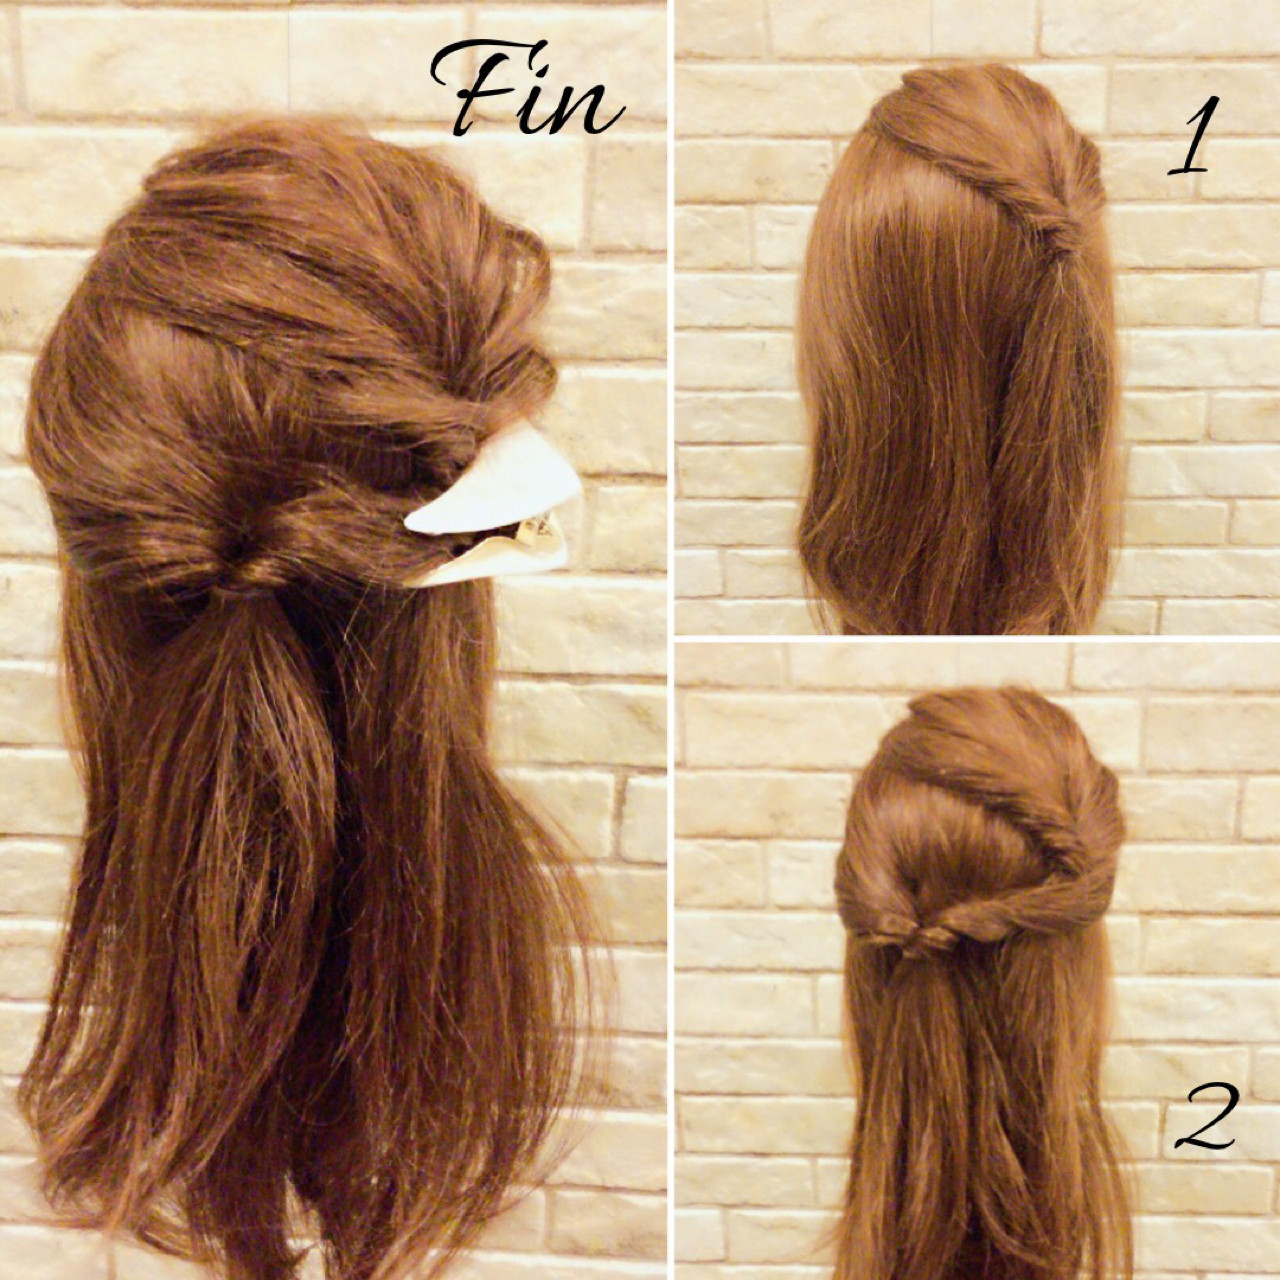 三角クリップ 上品 簡単ヘアアレンジ ヘアアレンジ ヘアスタイルや髪型の写真・画像 | 中村香奈子 / 匠forhair